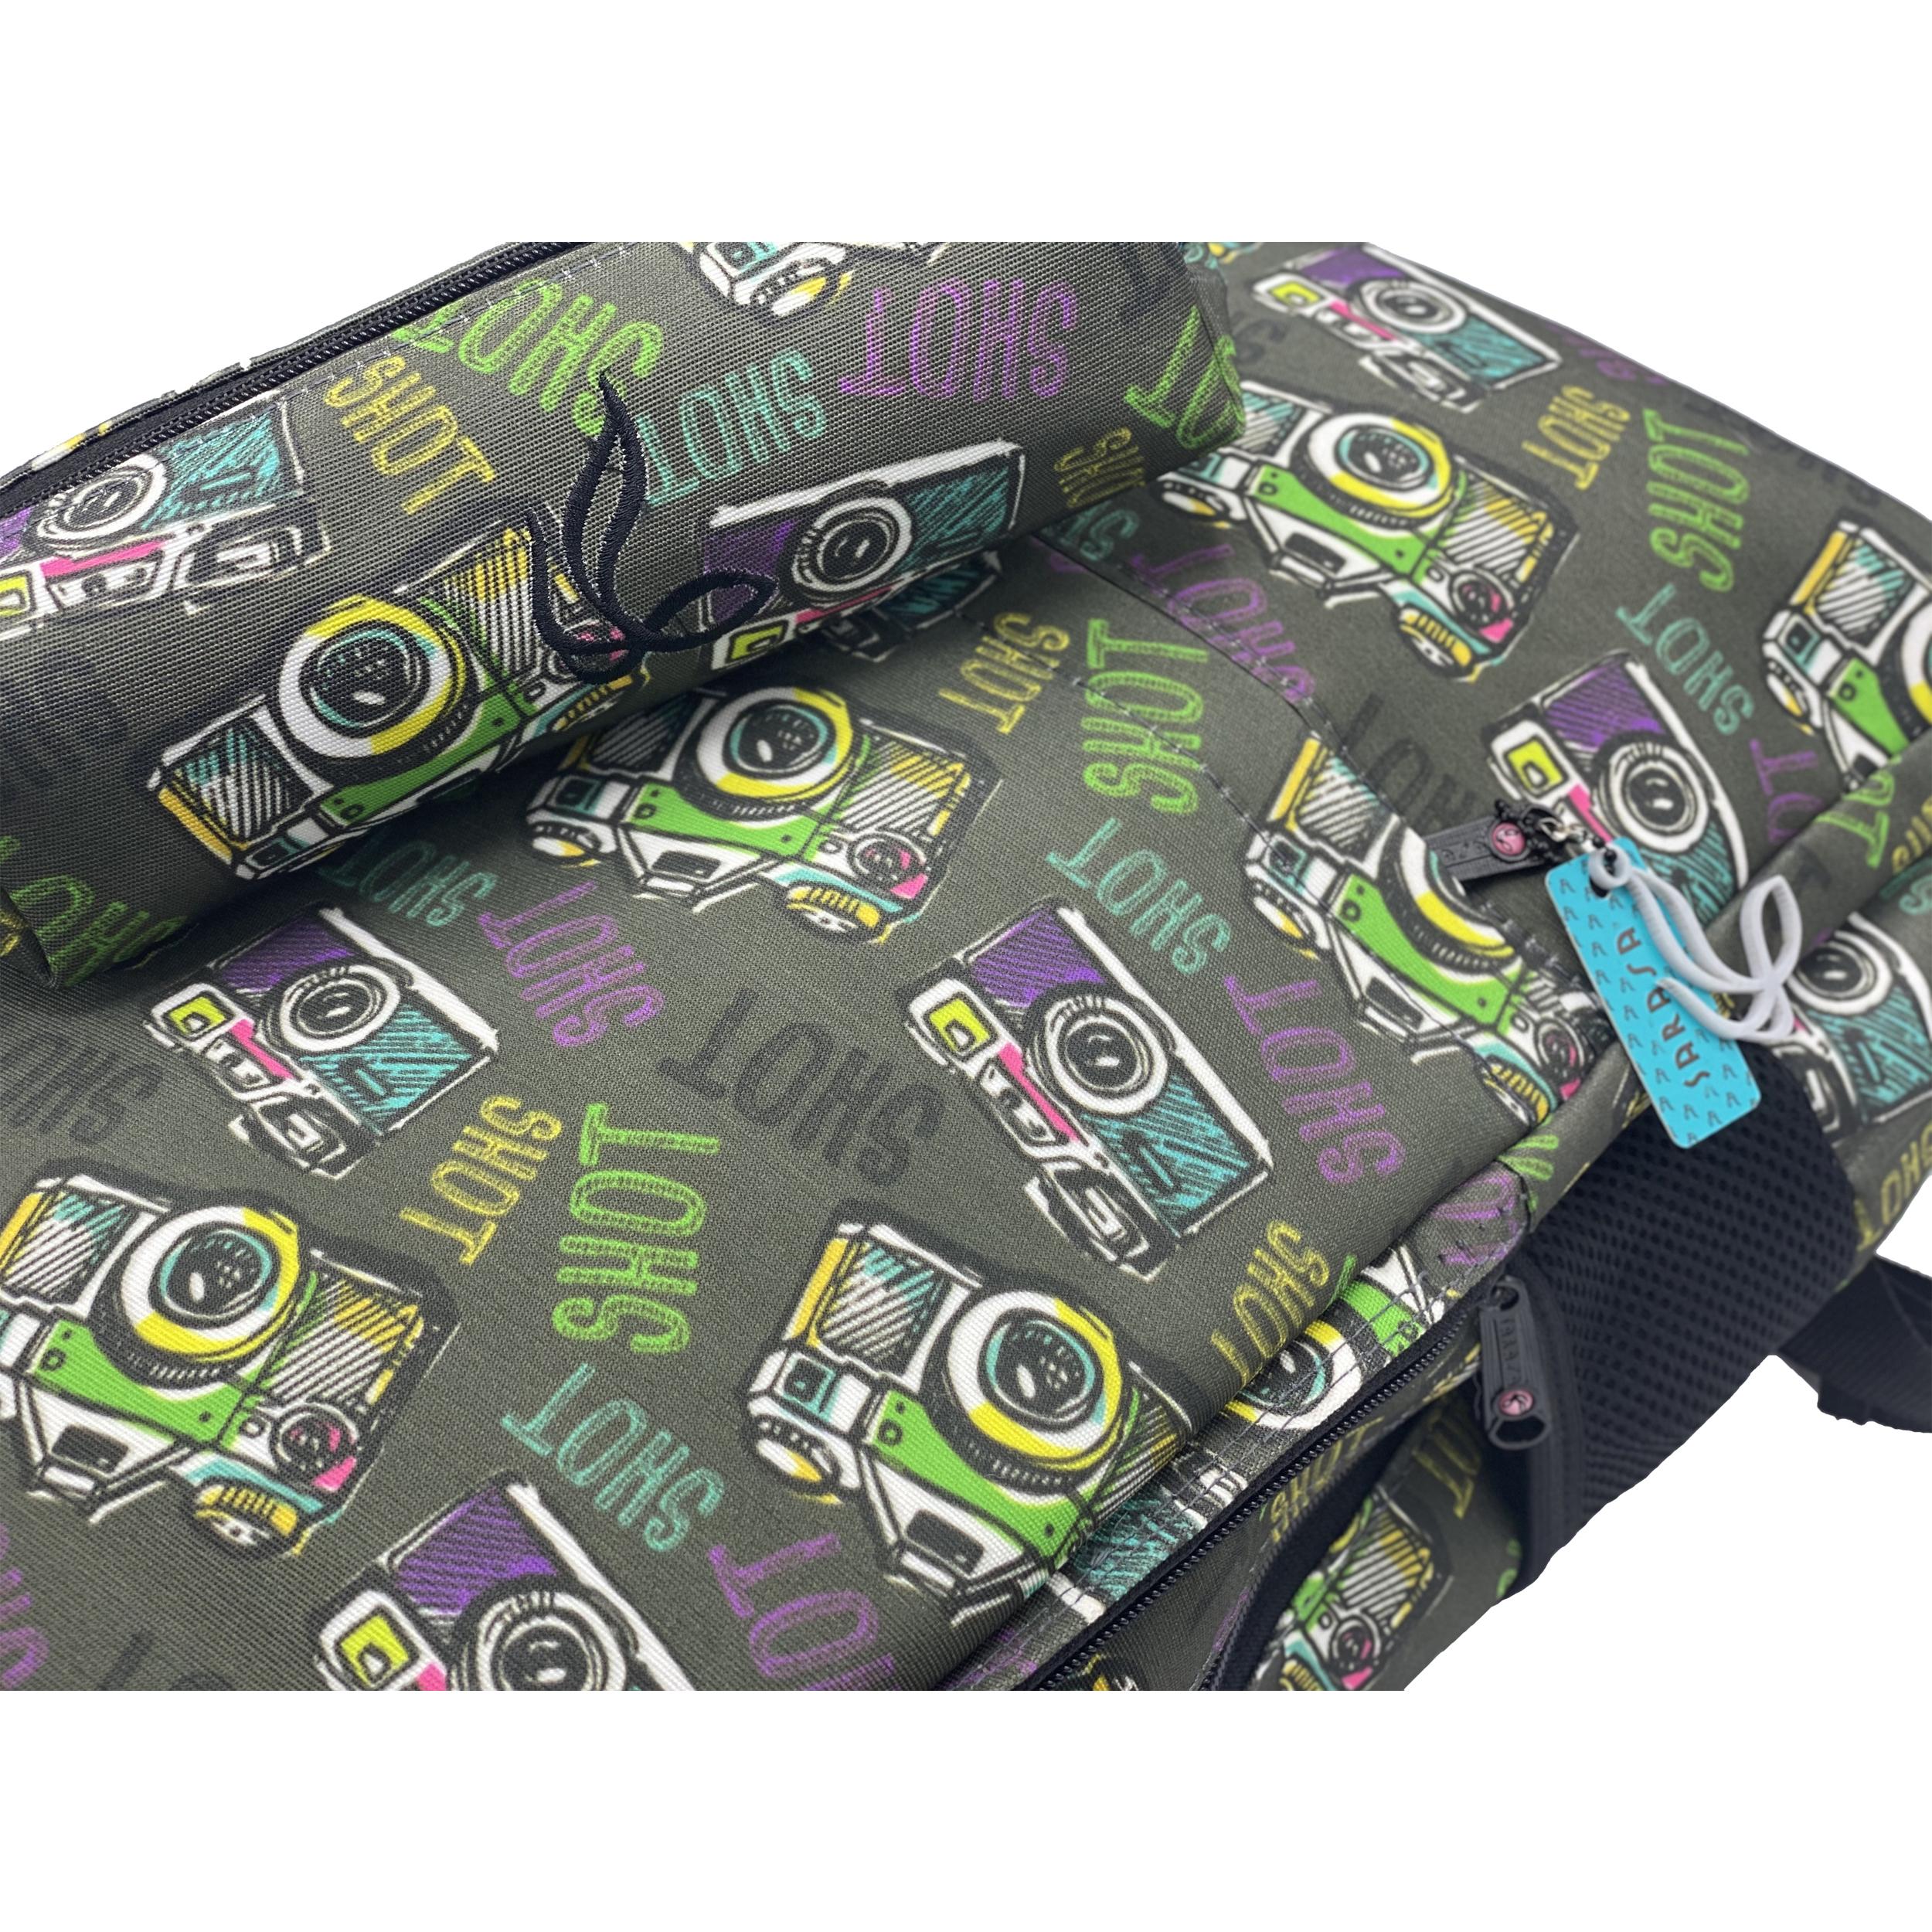 قیمت خرید کوله پشتی ساراسا طرح دوربین مدل Camera 02 به همراه جامدادی اورجینال